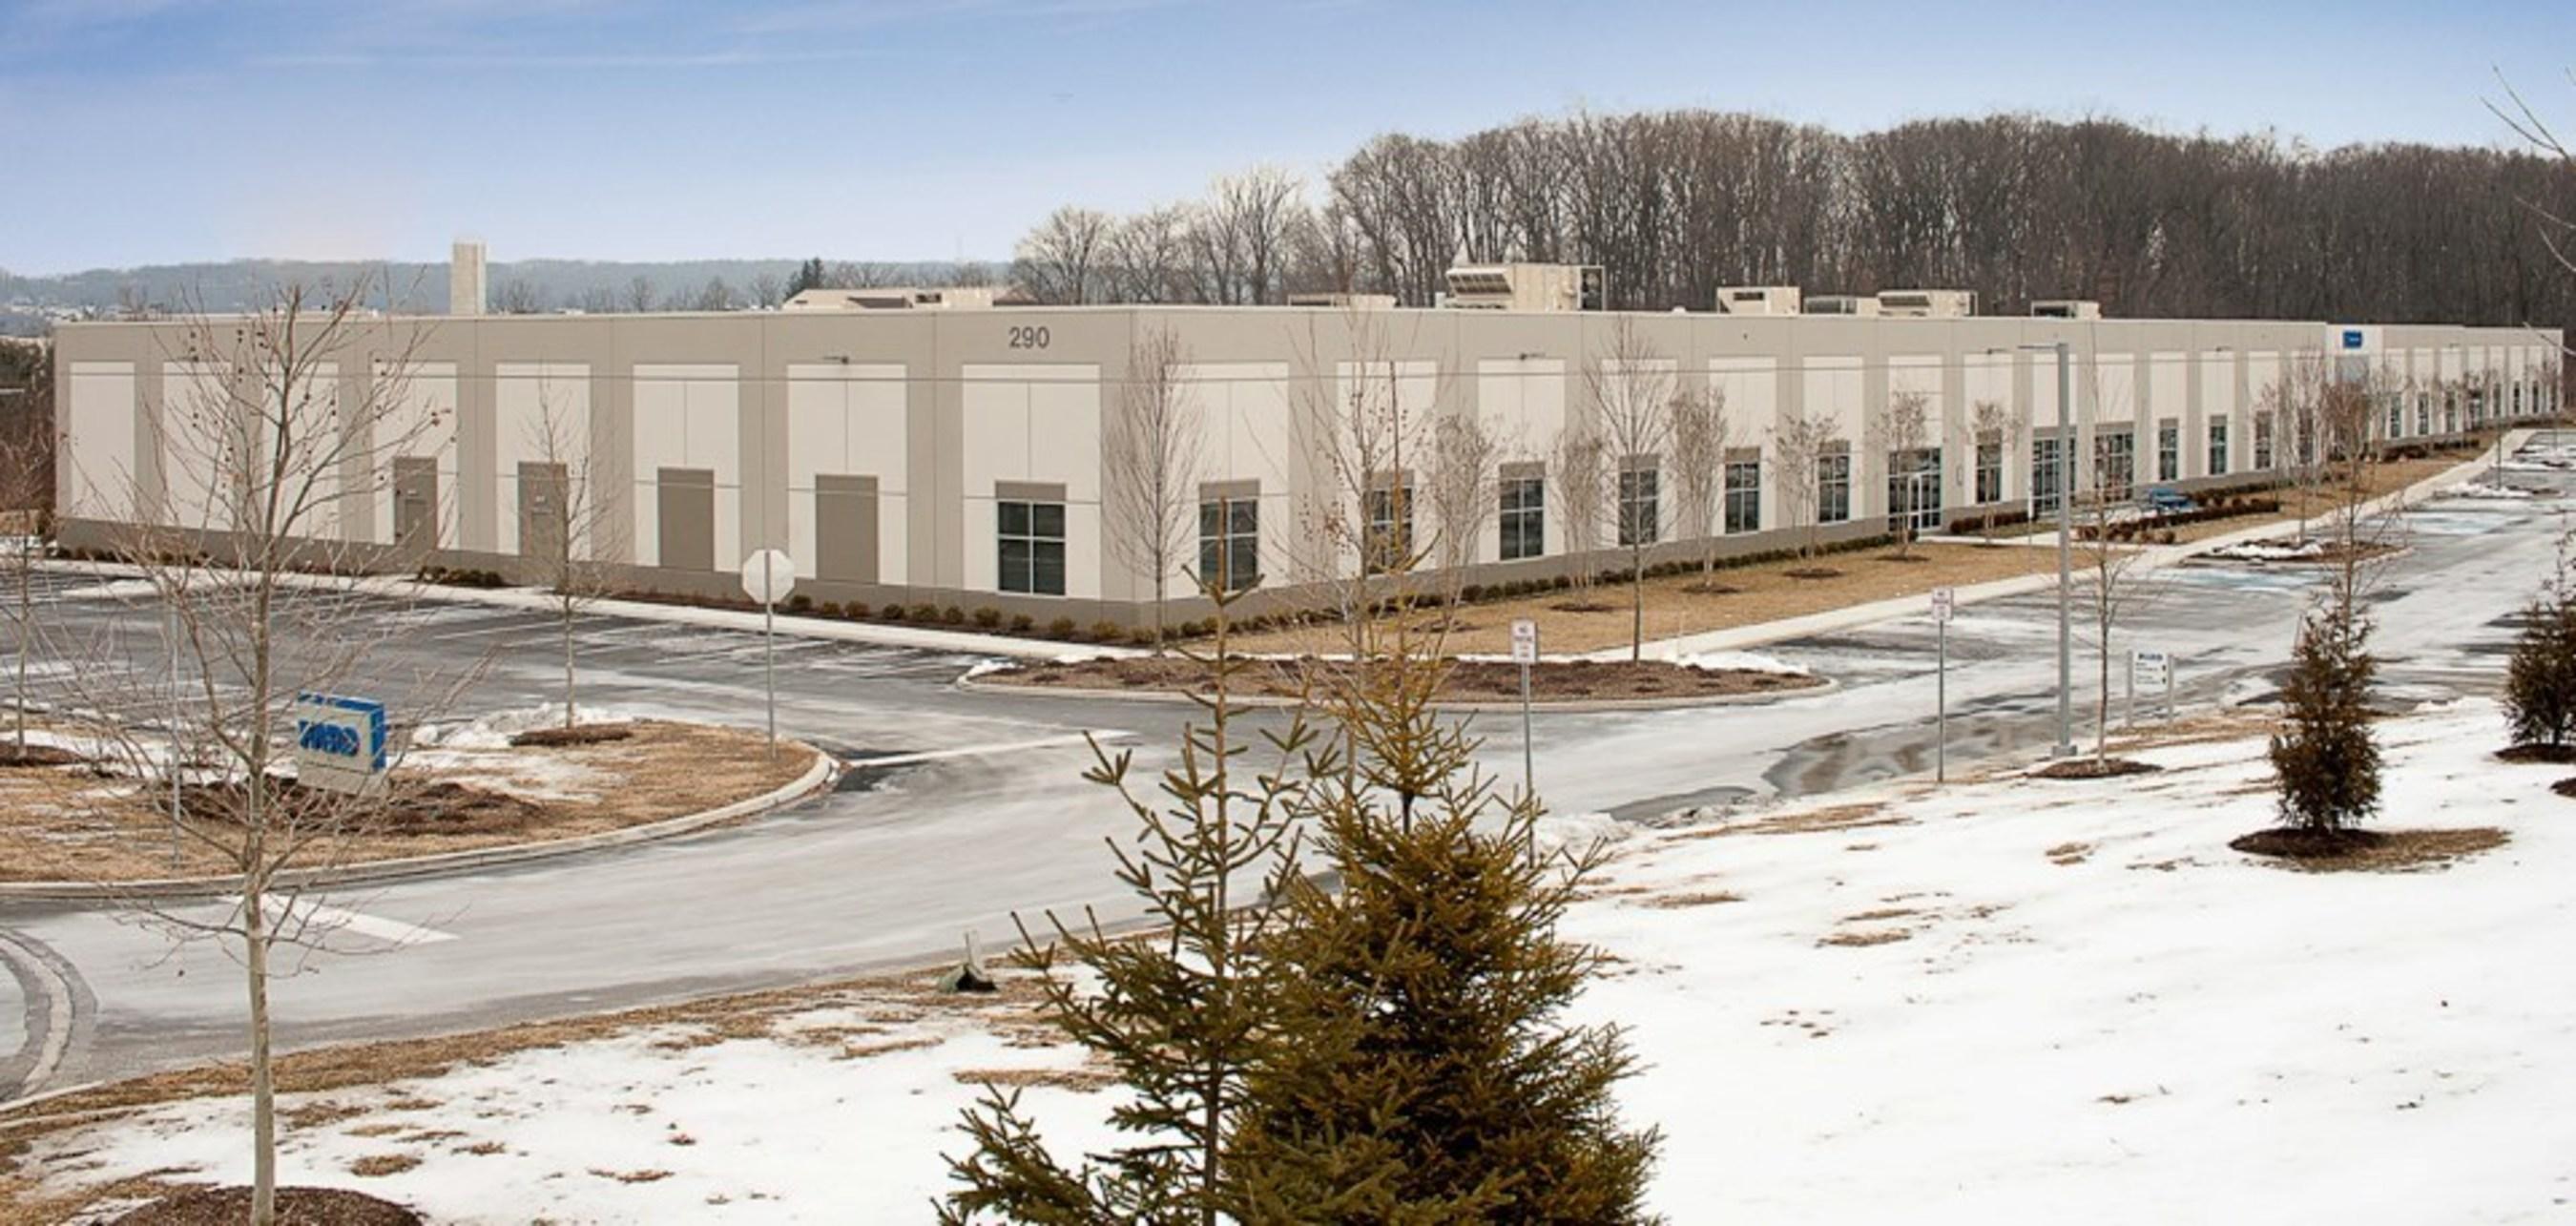 FARO Technologies inaugure un nouveau site à Exton, en Pennsylvanie, afin d'étendre et de